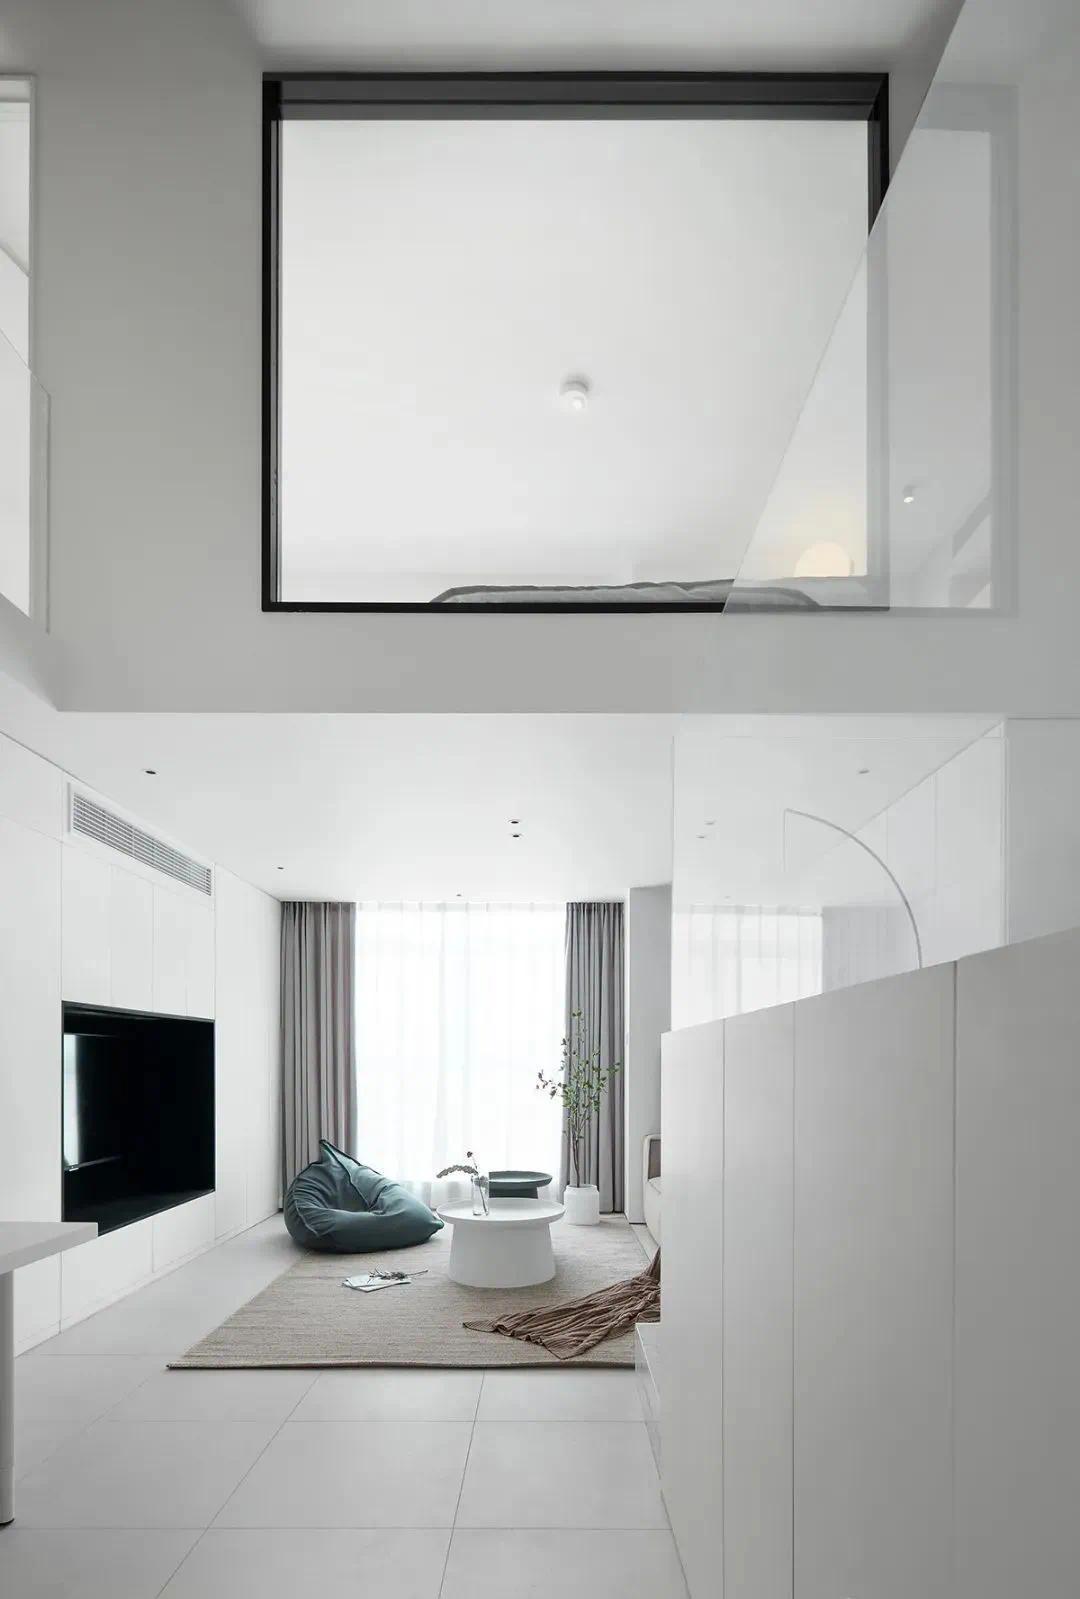 小戶型裝修典范!這套50㎡小復式公寓,隱藏收納設計太贊了!